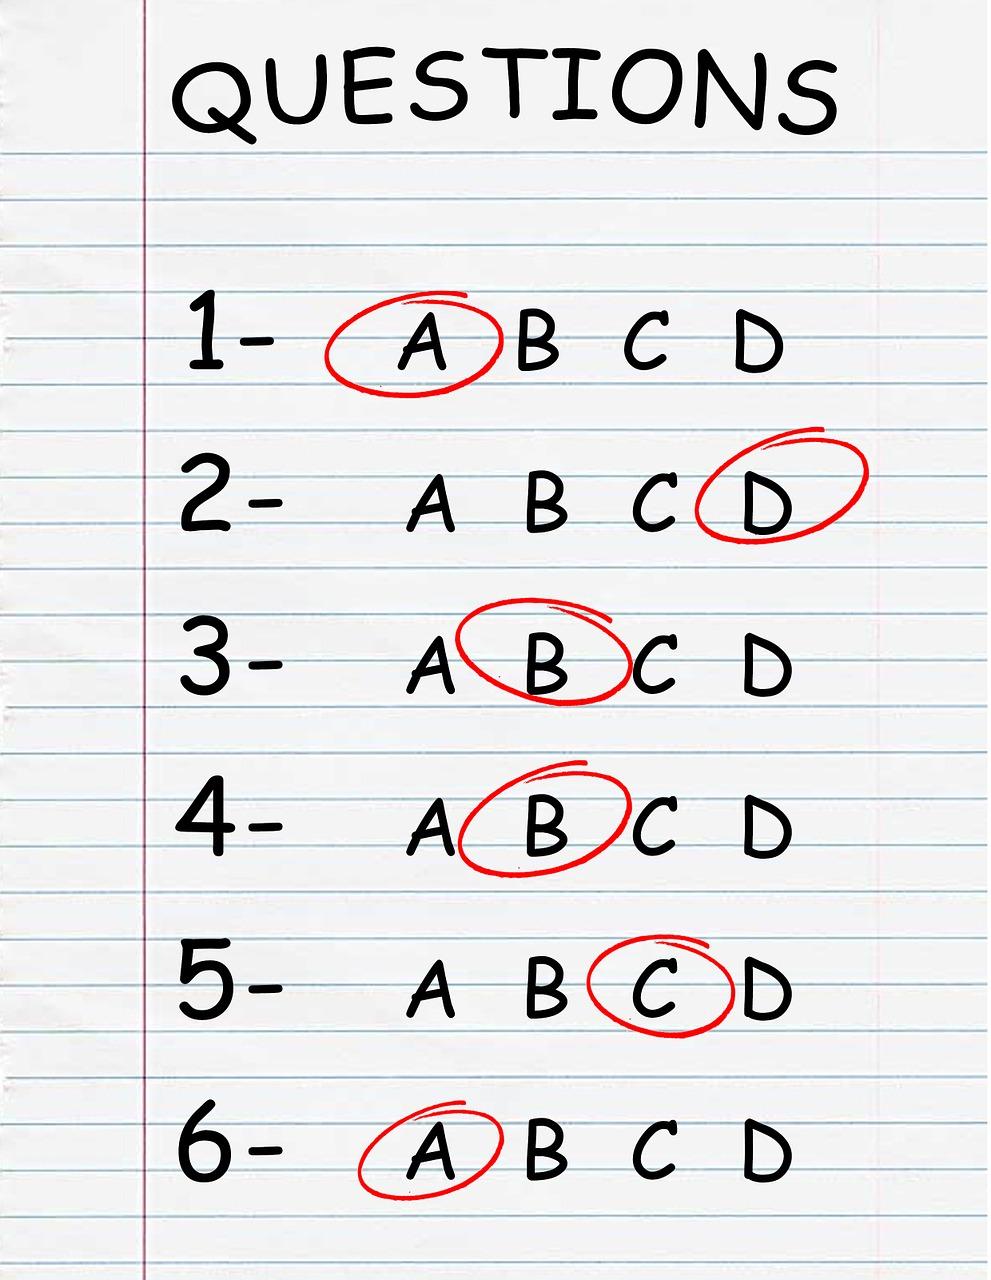 Soal Jawab Uts Pts 2 Matematika Smp Mts Kelas 7 Kurikulum 2013 Informasiguru Com